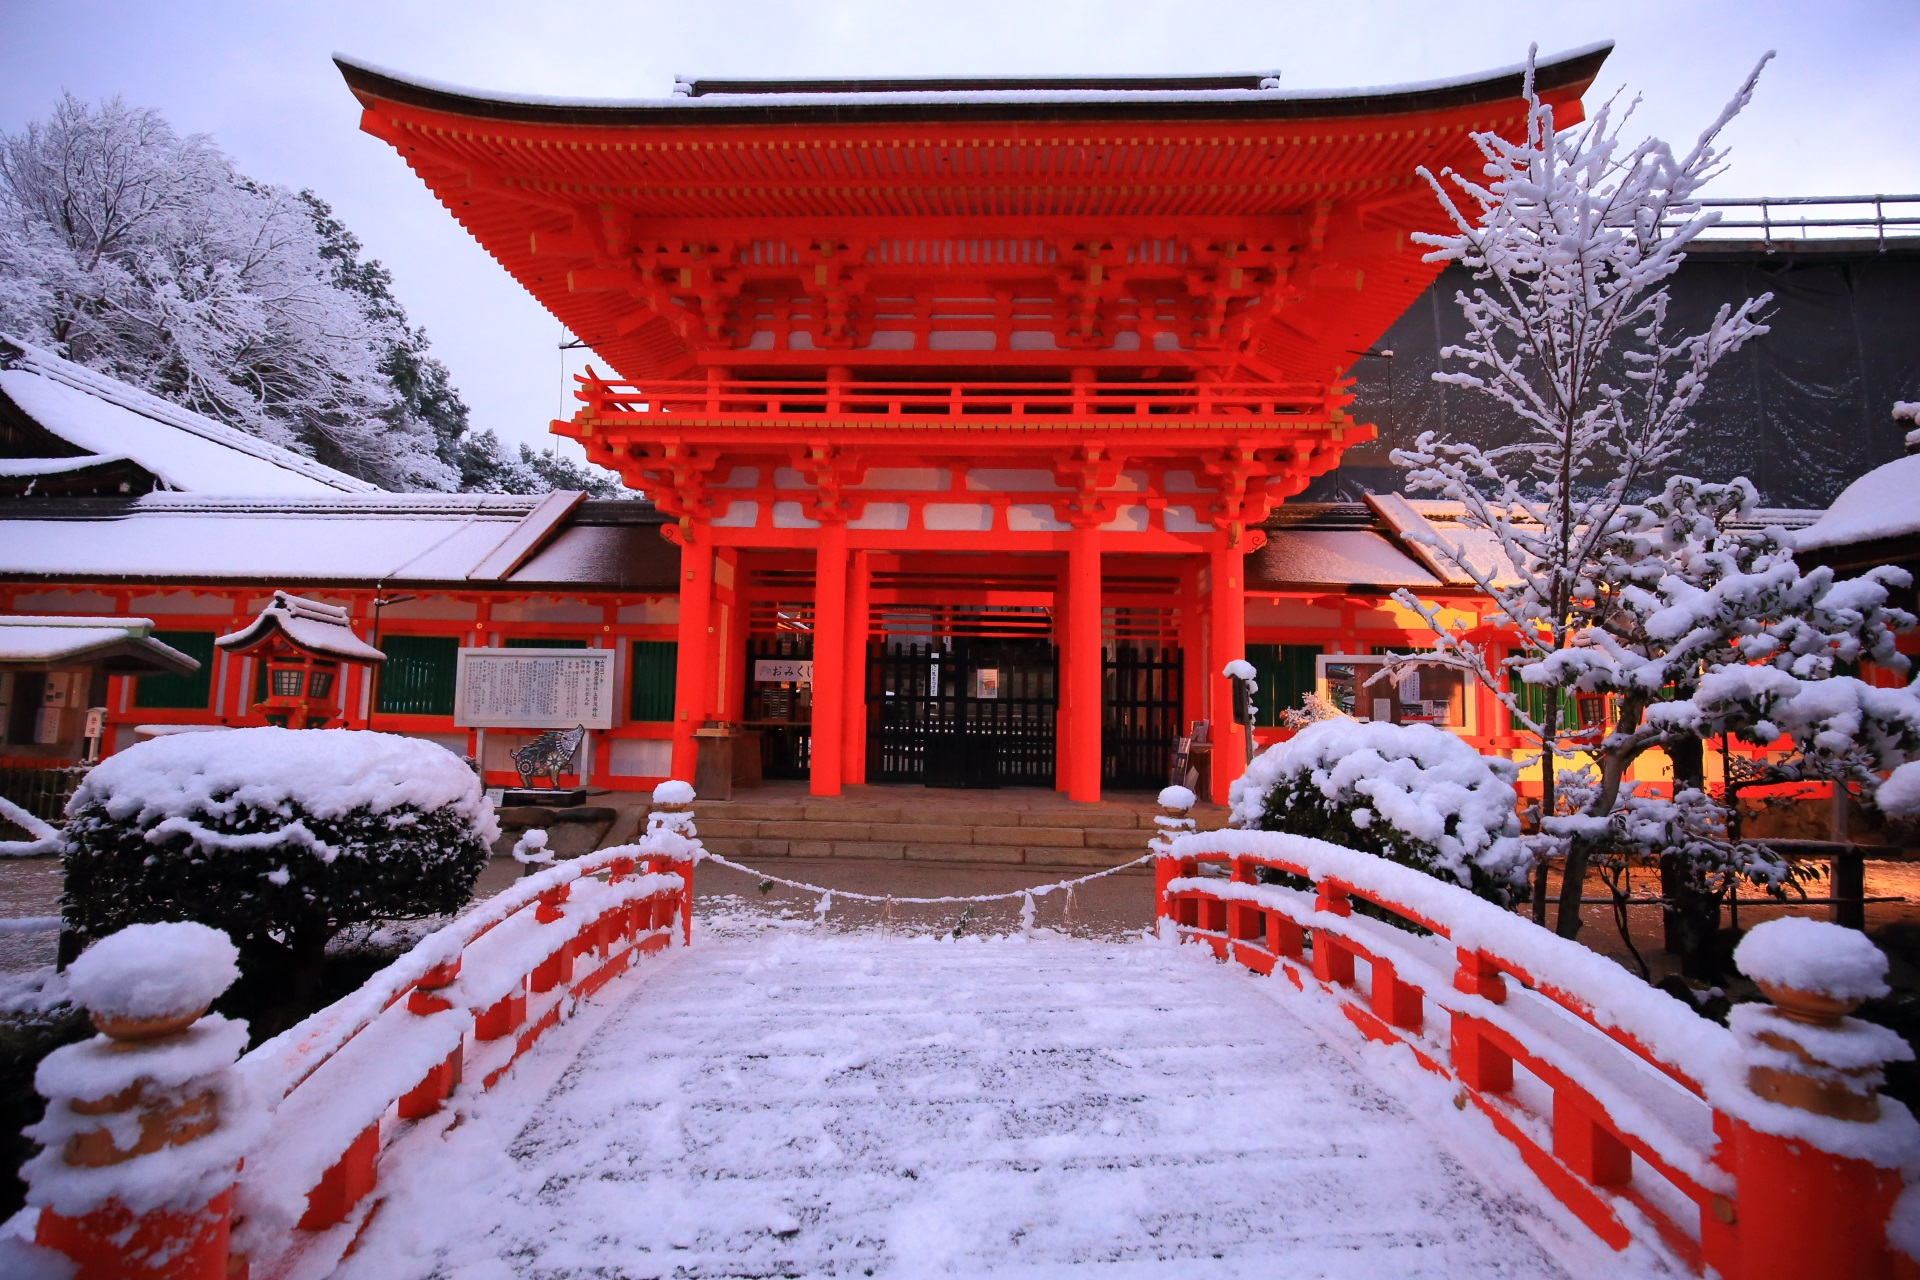 上賀茂神社の楼門とその前に架かる玉橋の雪景色